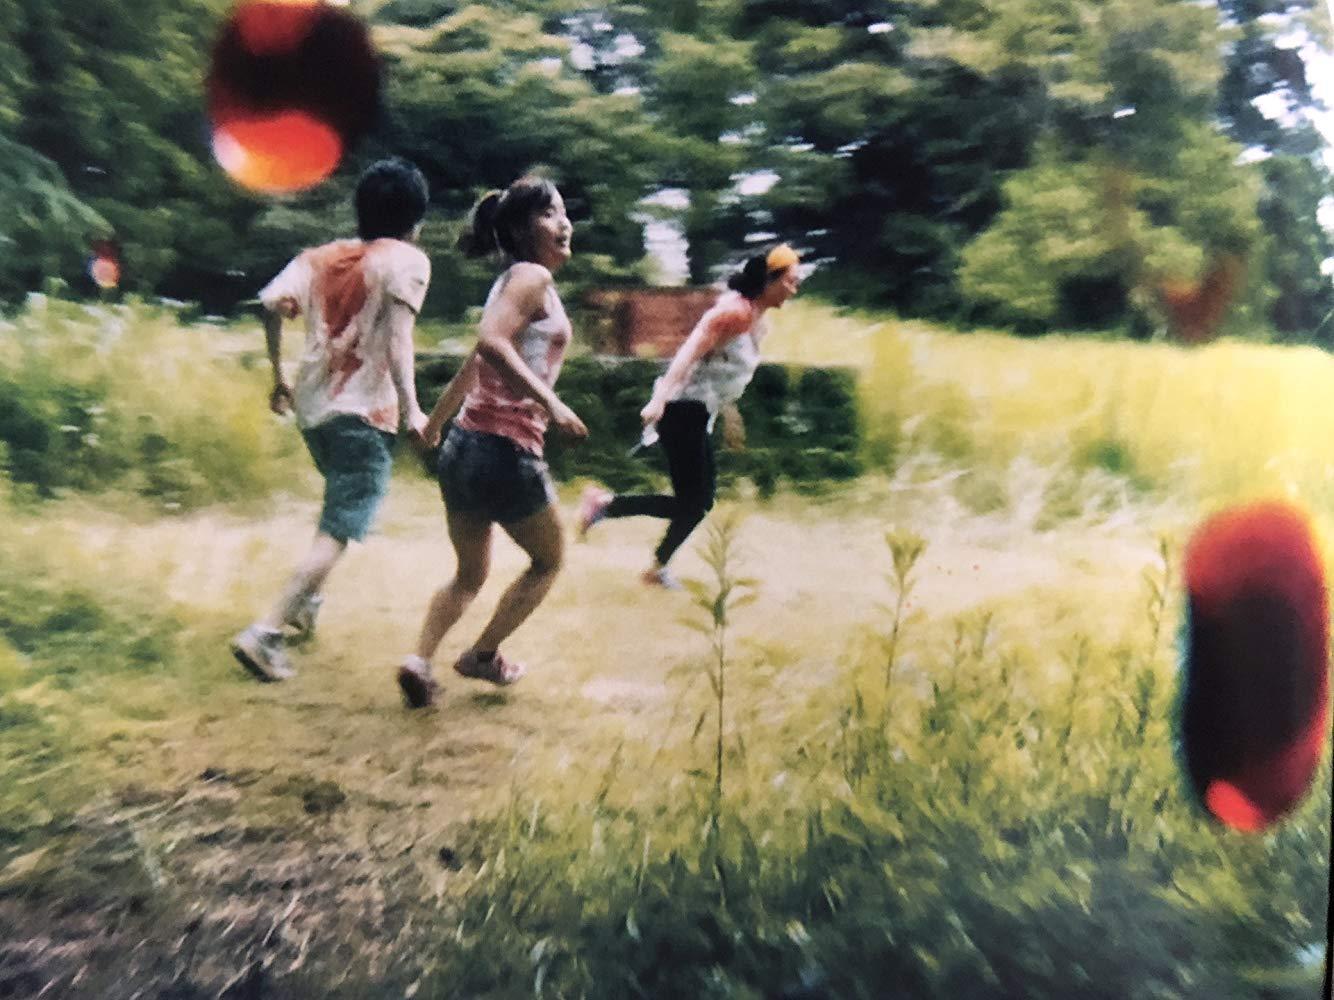 日本藍絲帶獎揭曉 僵尸電影《攝影機不要停!》摘最佳影片